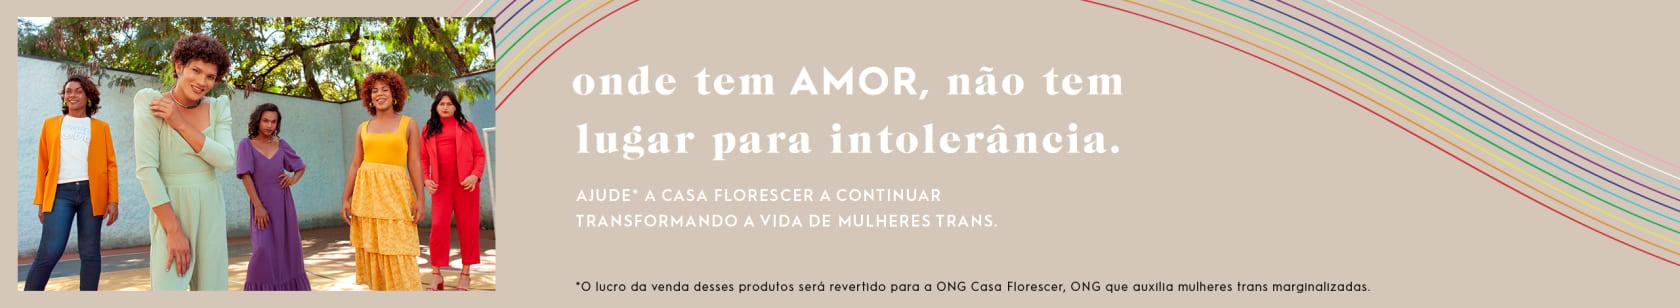 CAMPANHA CASA FLORESCER